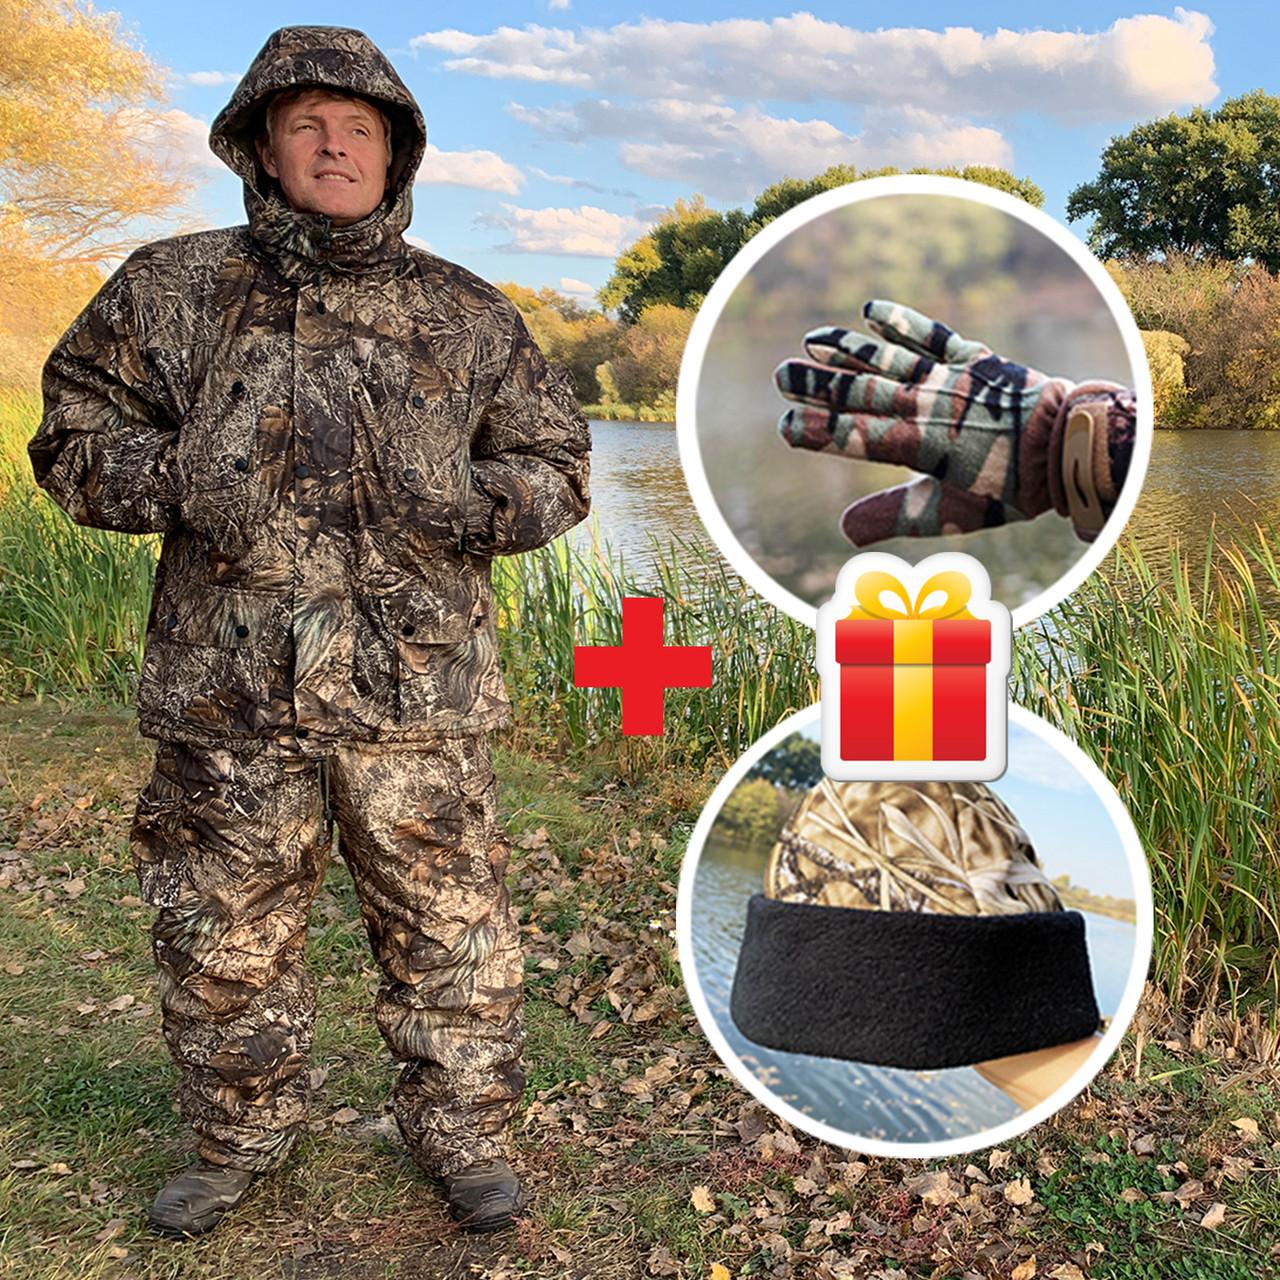 """Зимний костюм до -40° """"Mavens Зубр"""" Чаща, для рыбалки, охоты, работы в холоде, размер 64-66 (031-0029)"""